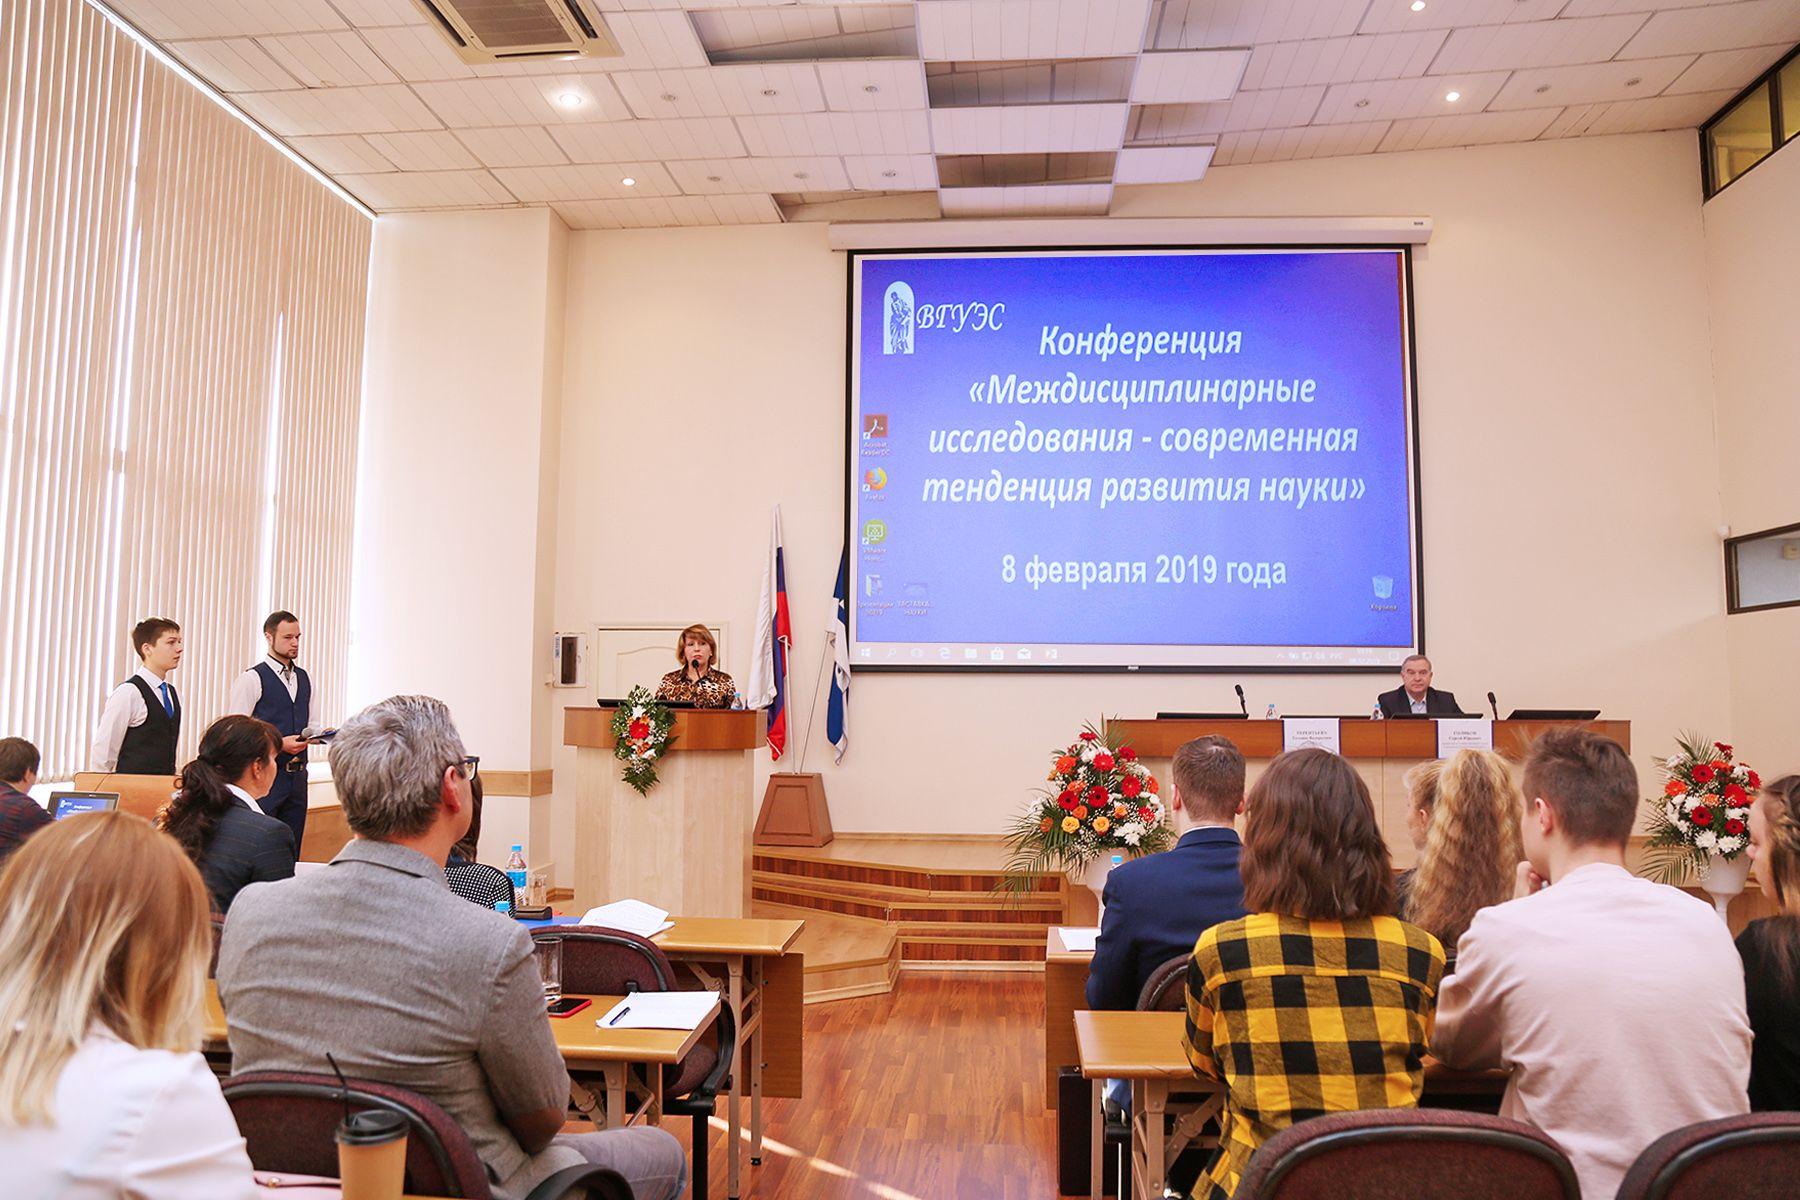 Междисциплинарные исследования. ВГУЭС в тренде развития науки в России